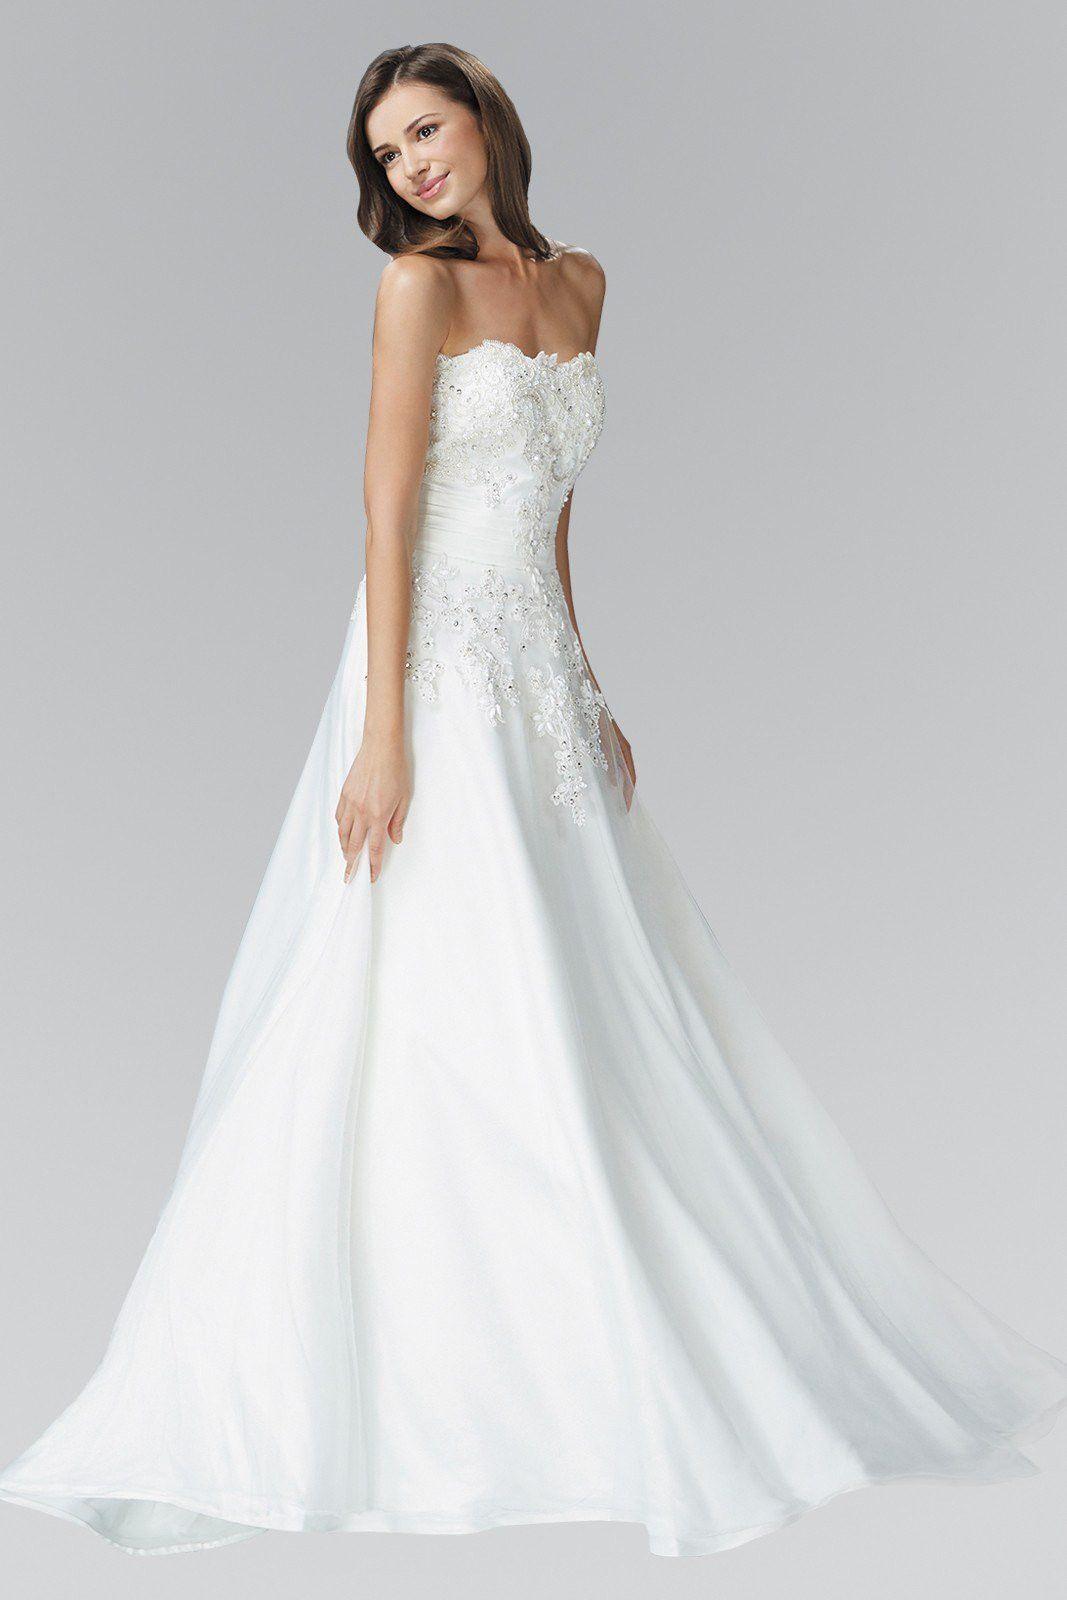 Strapless A-line Ballgown Wedding Dress 103-gl2077 Wedding Dress ...